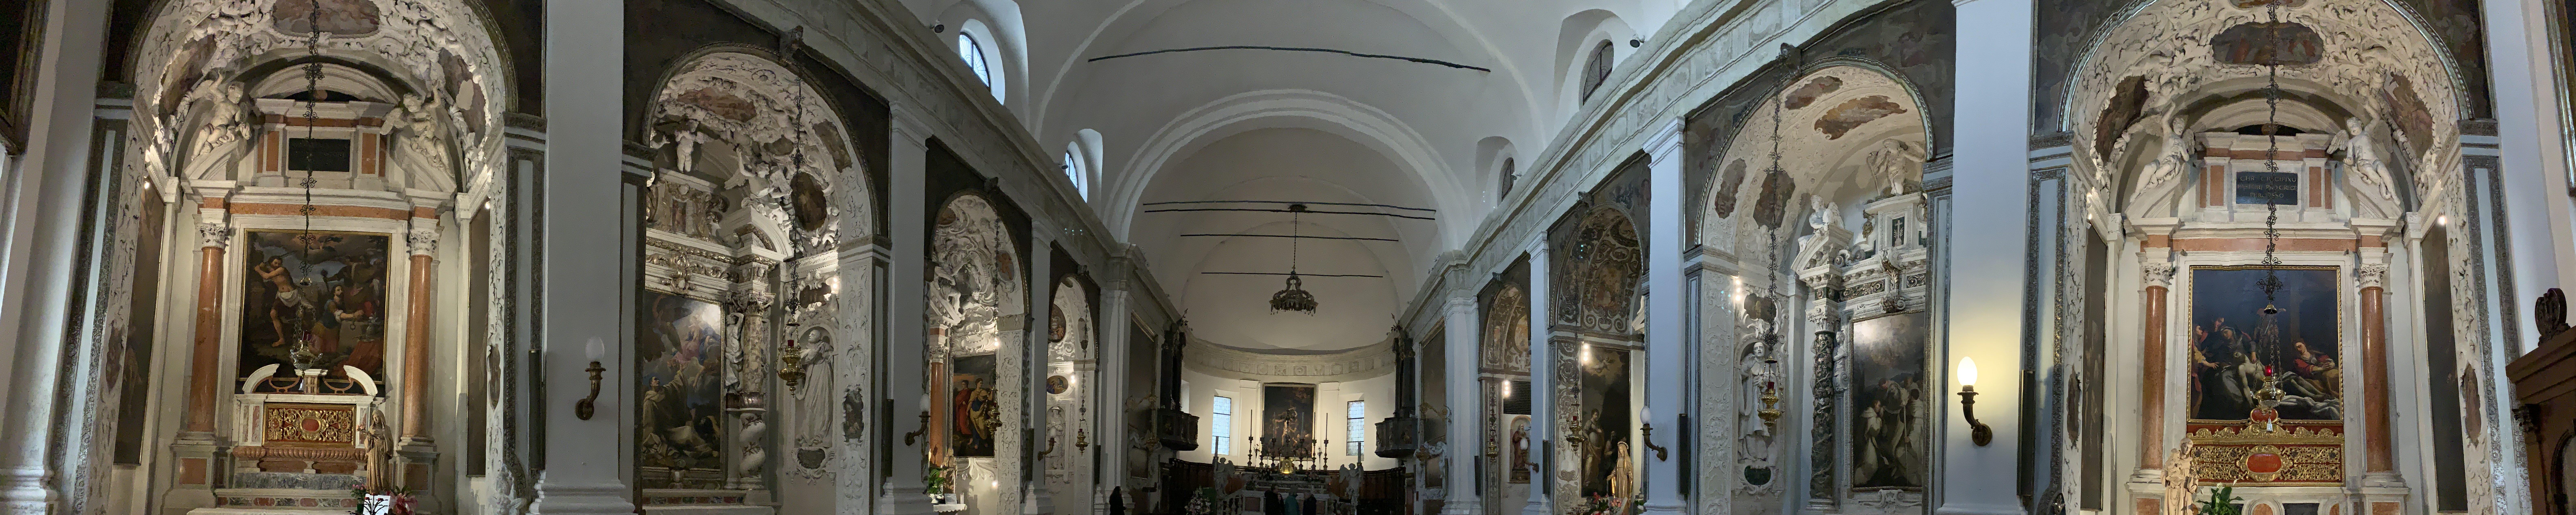 Parrocchia San Bartolomeo Apostolo in Rovigo